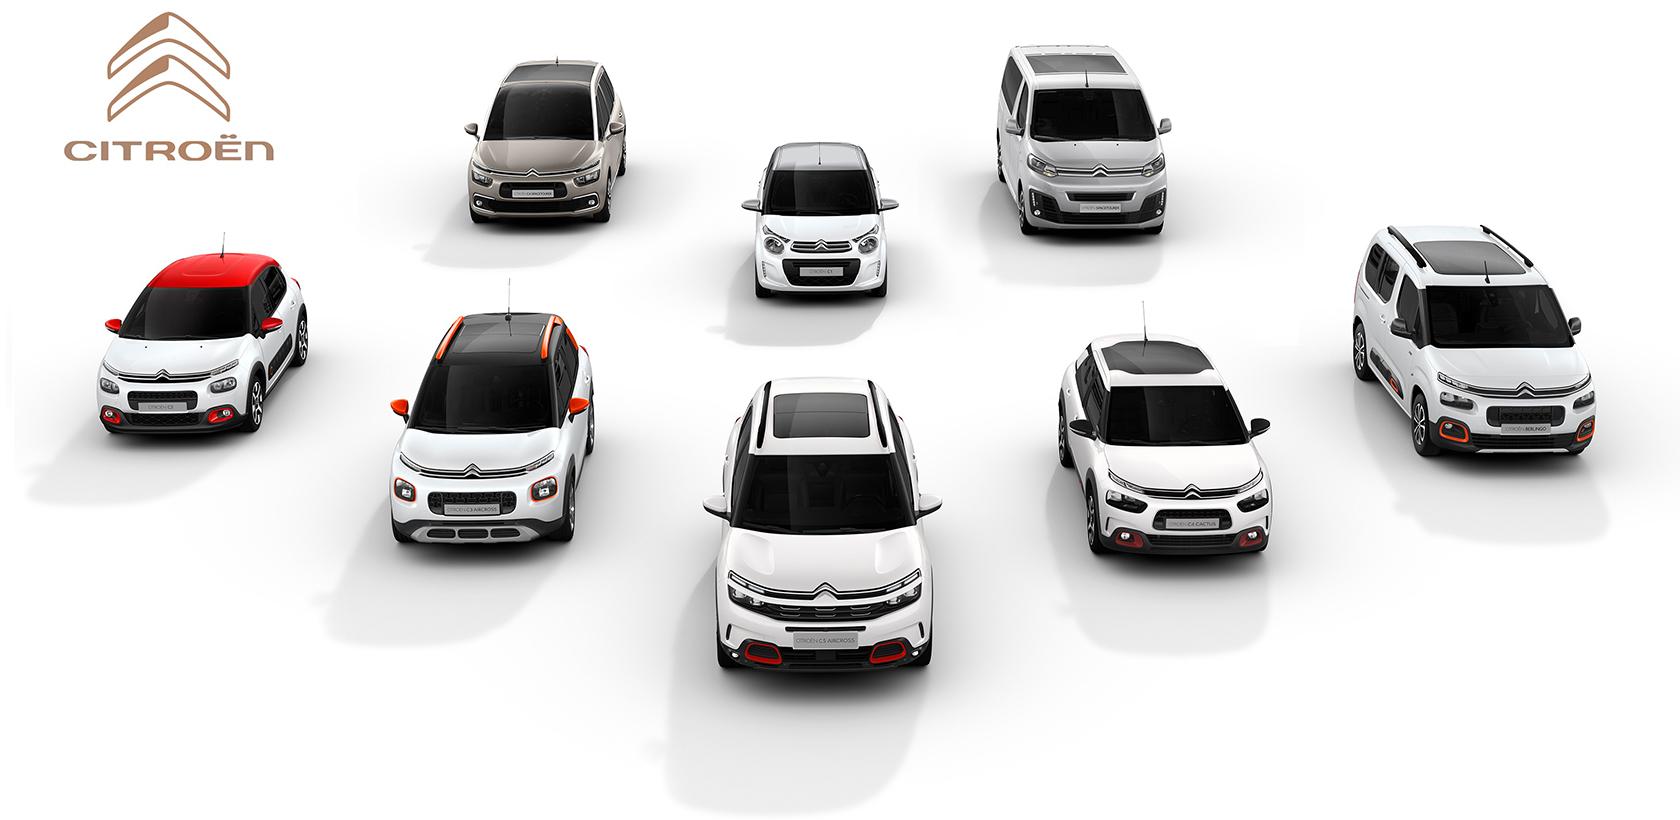 Citroën Tunisie leader des ventes en 2018